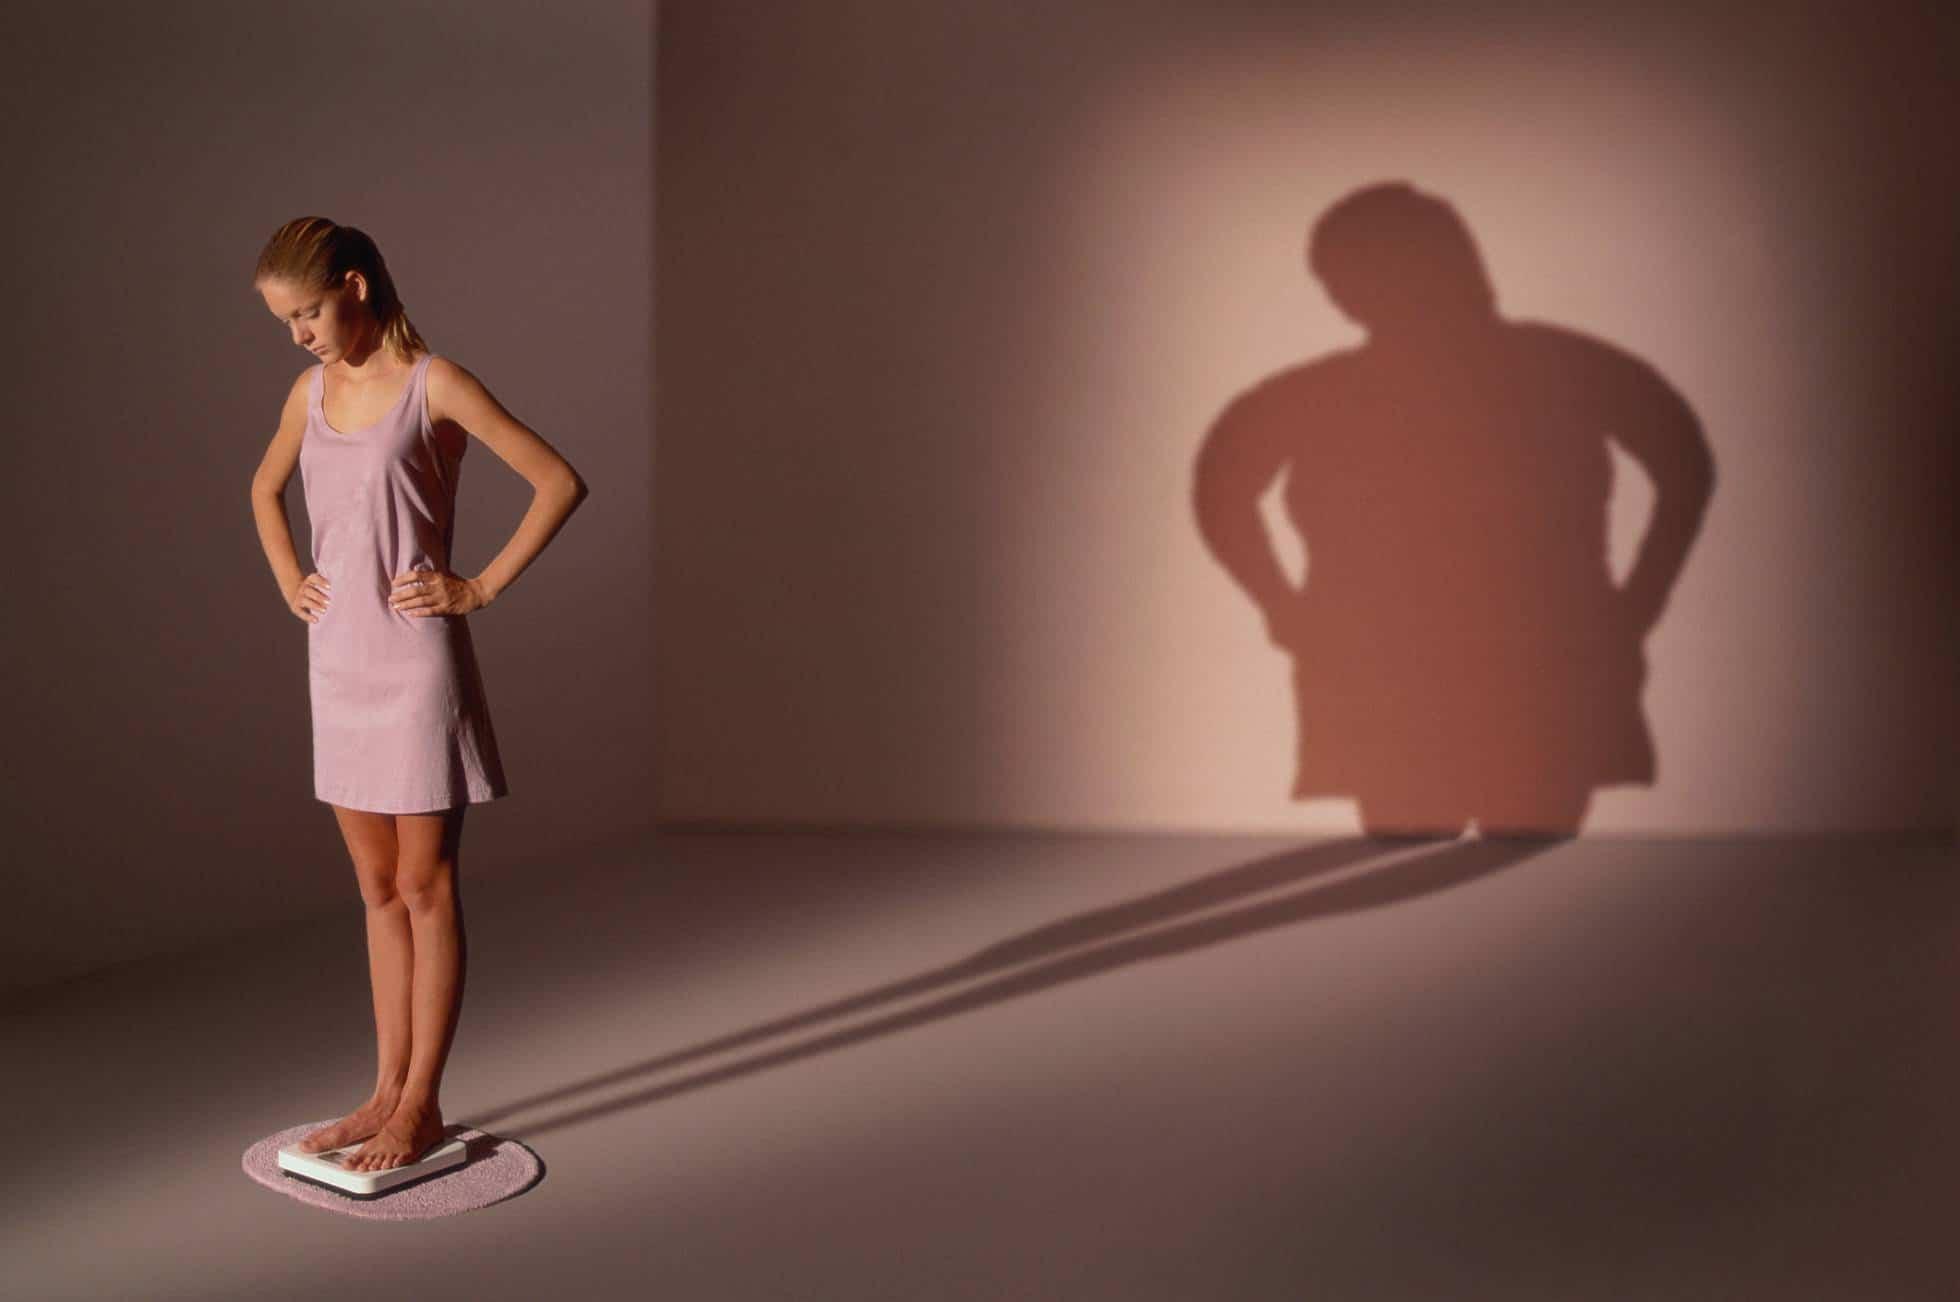 Anorexia, Bulimia